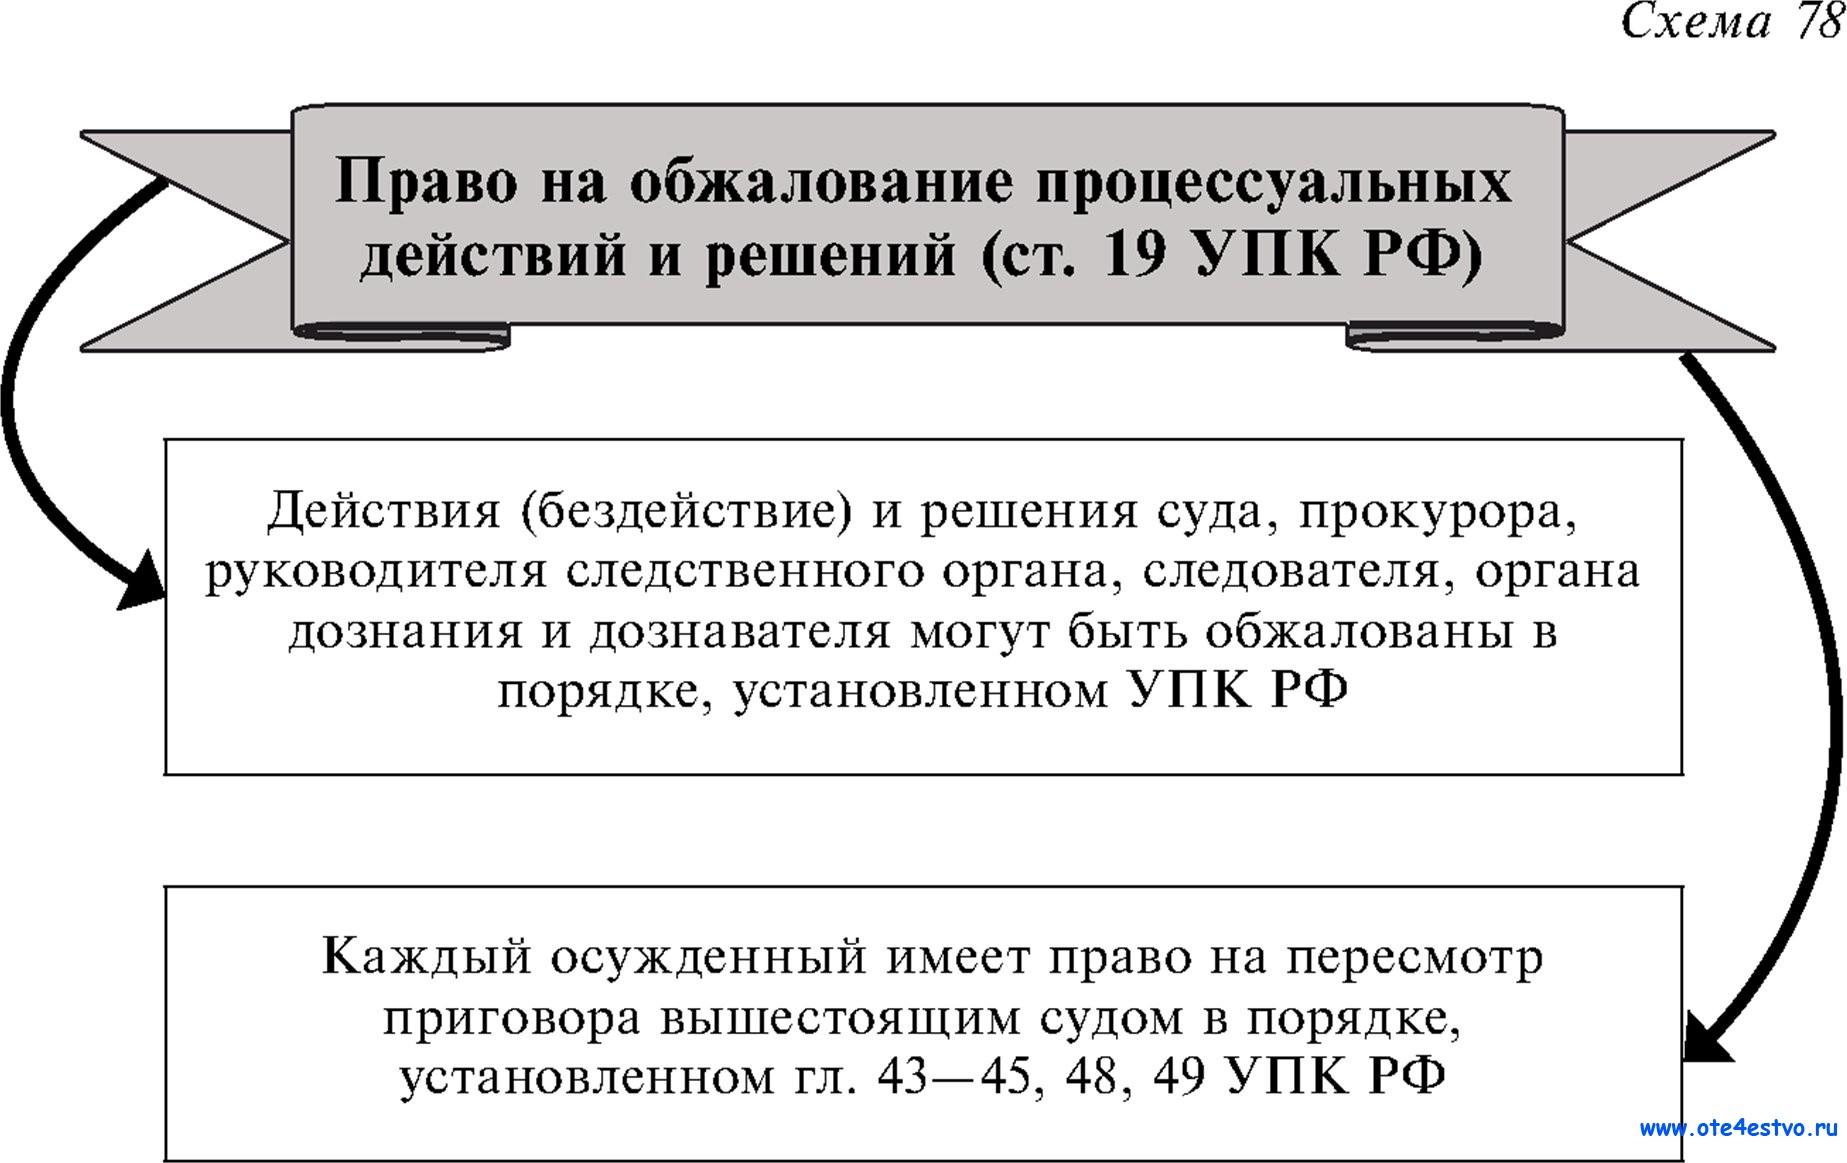 обжалование действий и решений прокурора следователя и дознавателя Все время